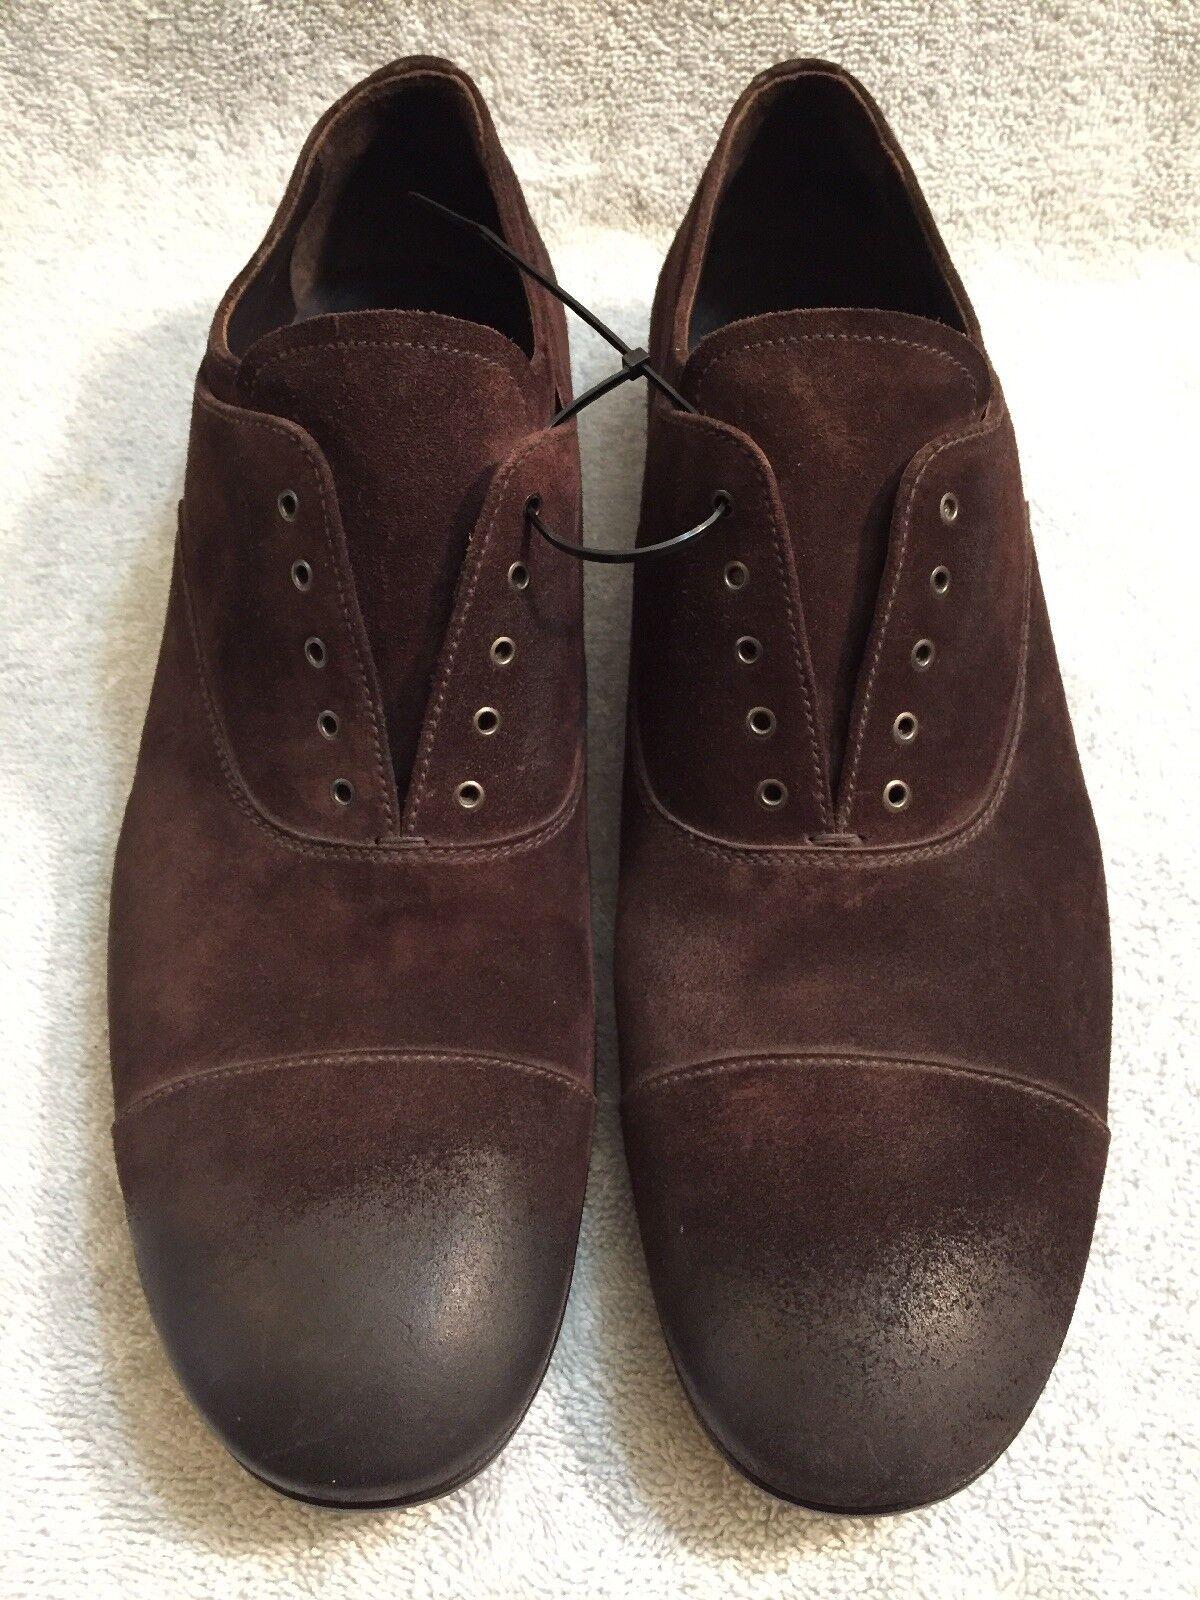 PRADA Authentic Authentic PRADA Luxury marrone Suede Uomo's Scarpe Taglia 10 -2 E 2720 092341